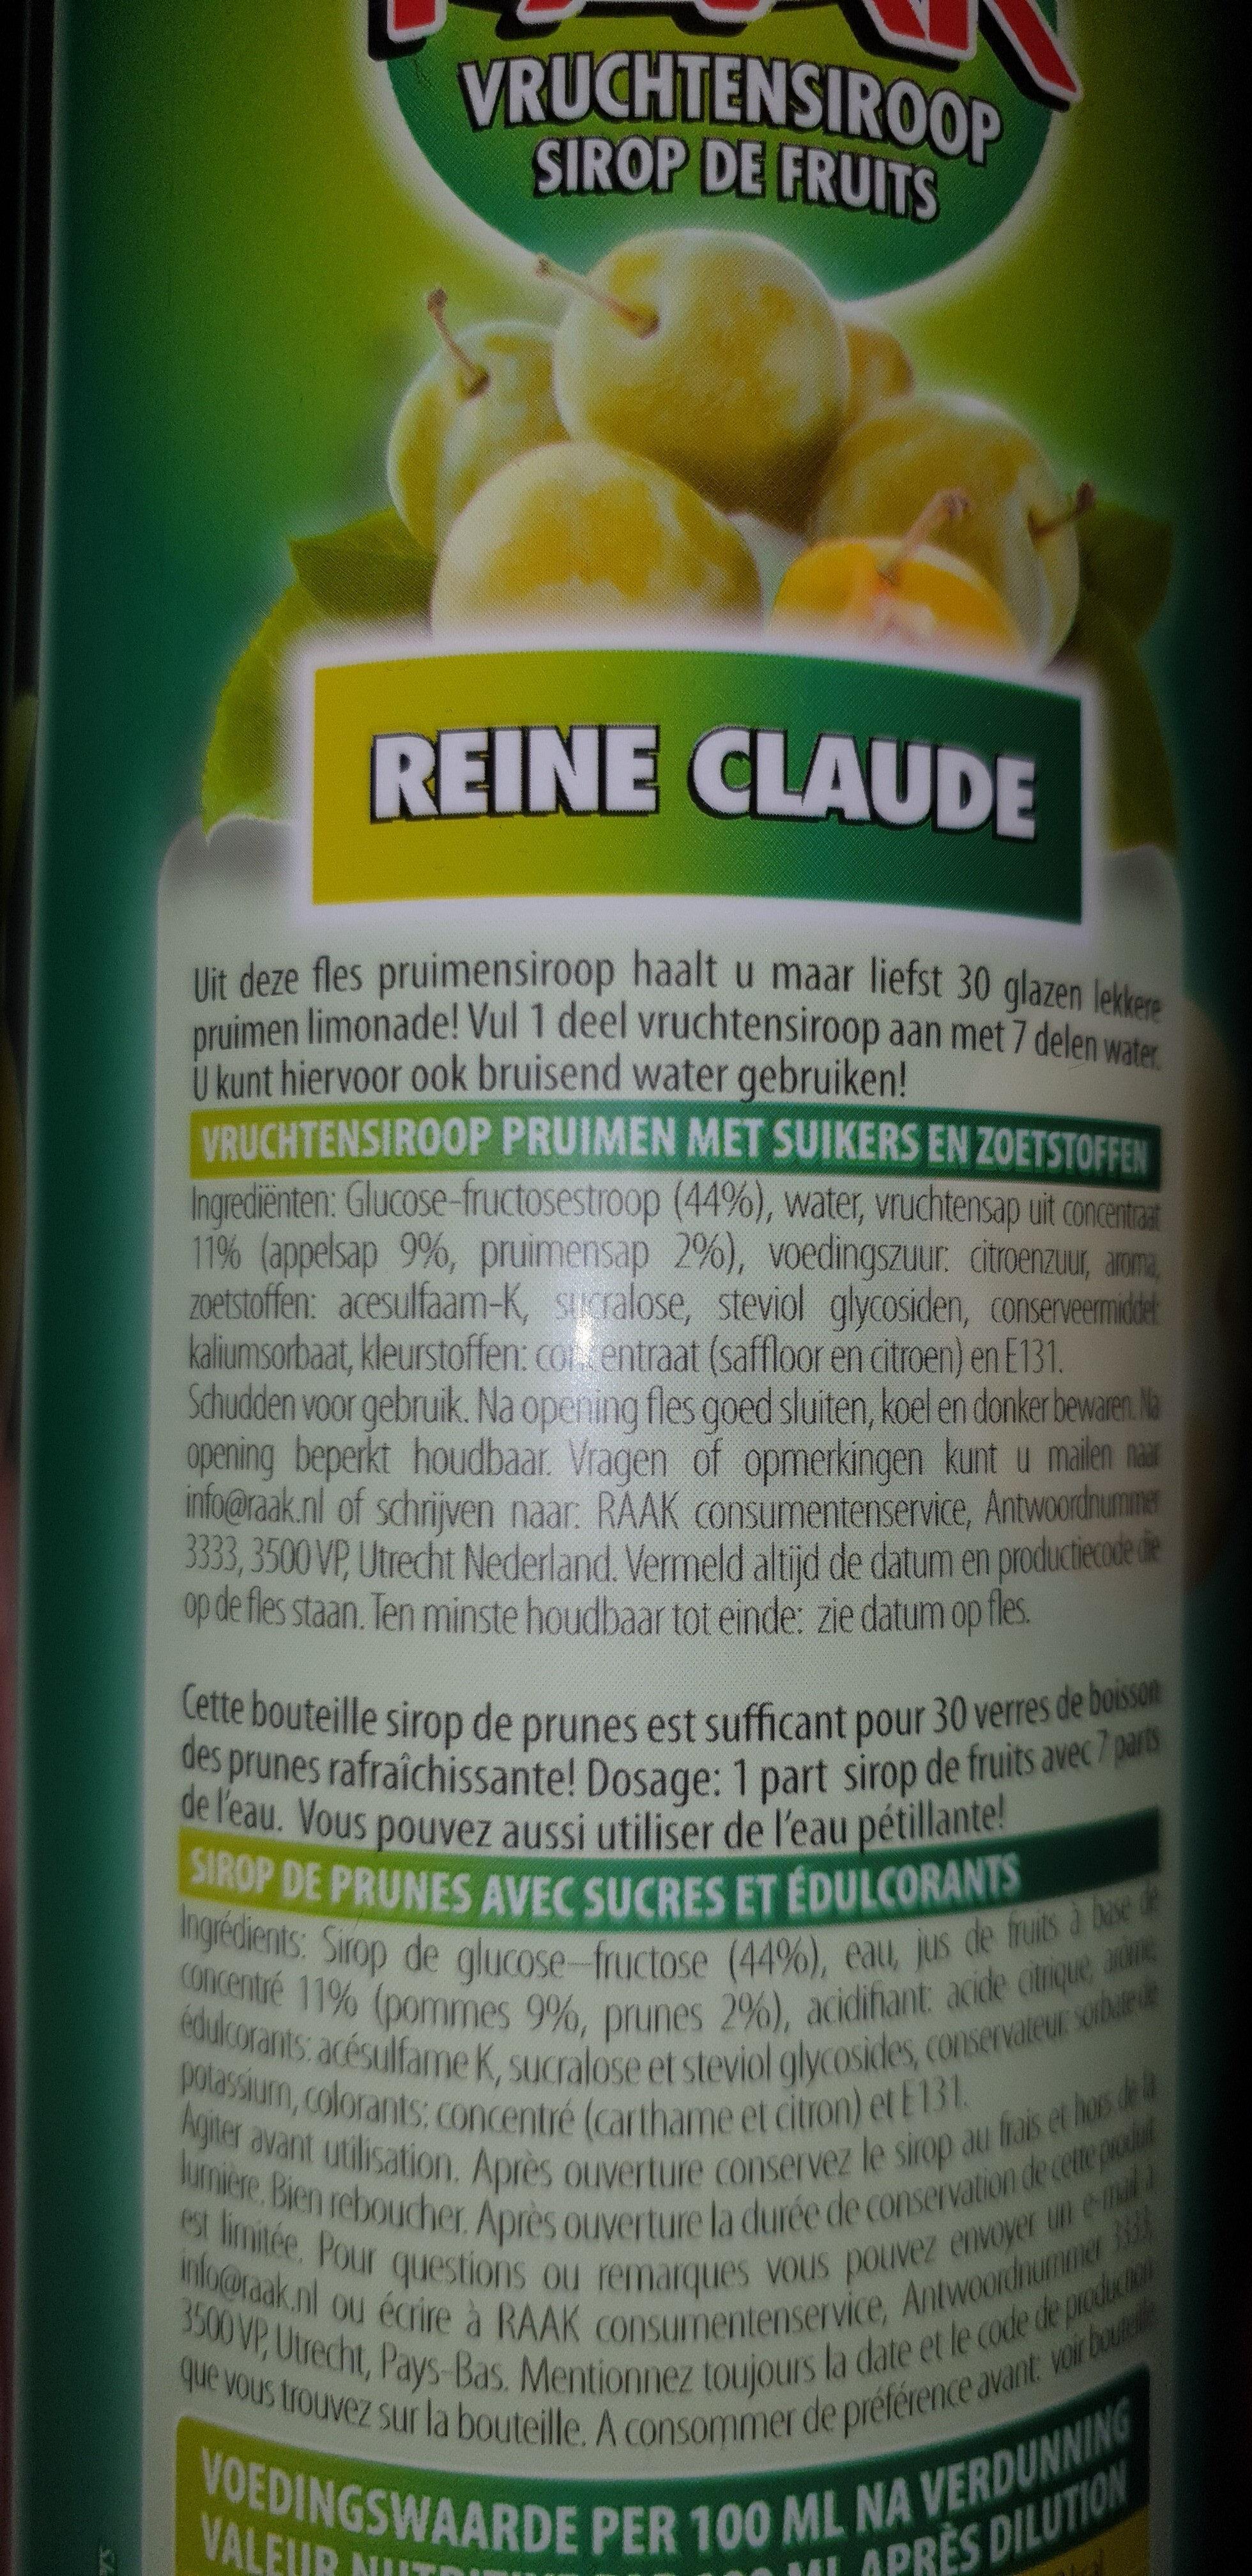 Raak Vruchtensiroop Reine Claude - Ingrediënten